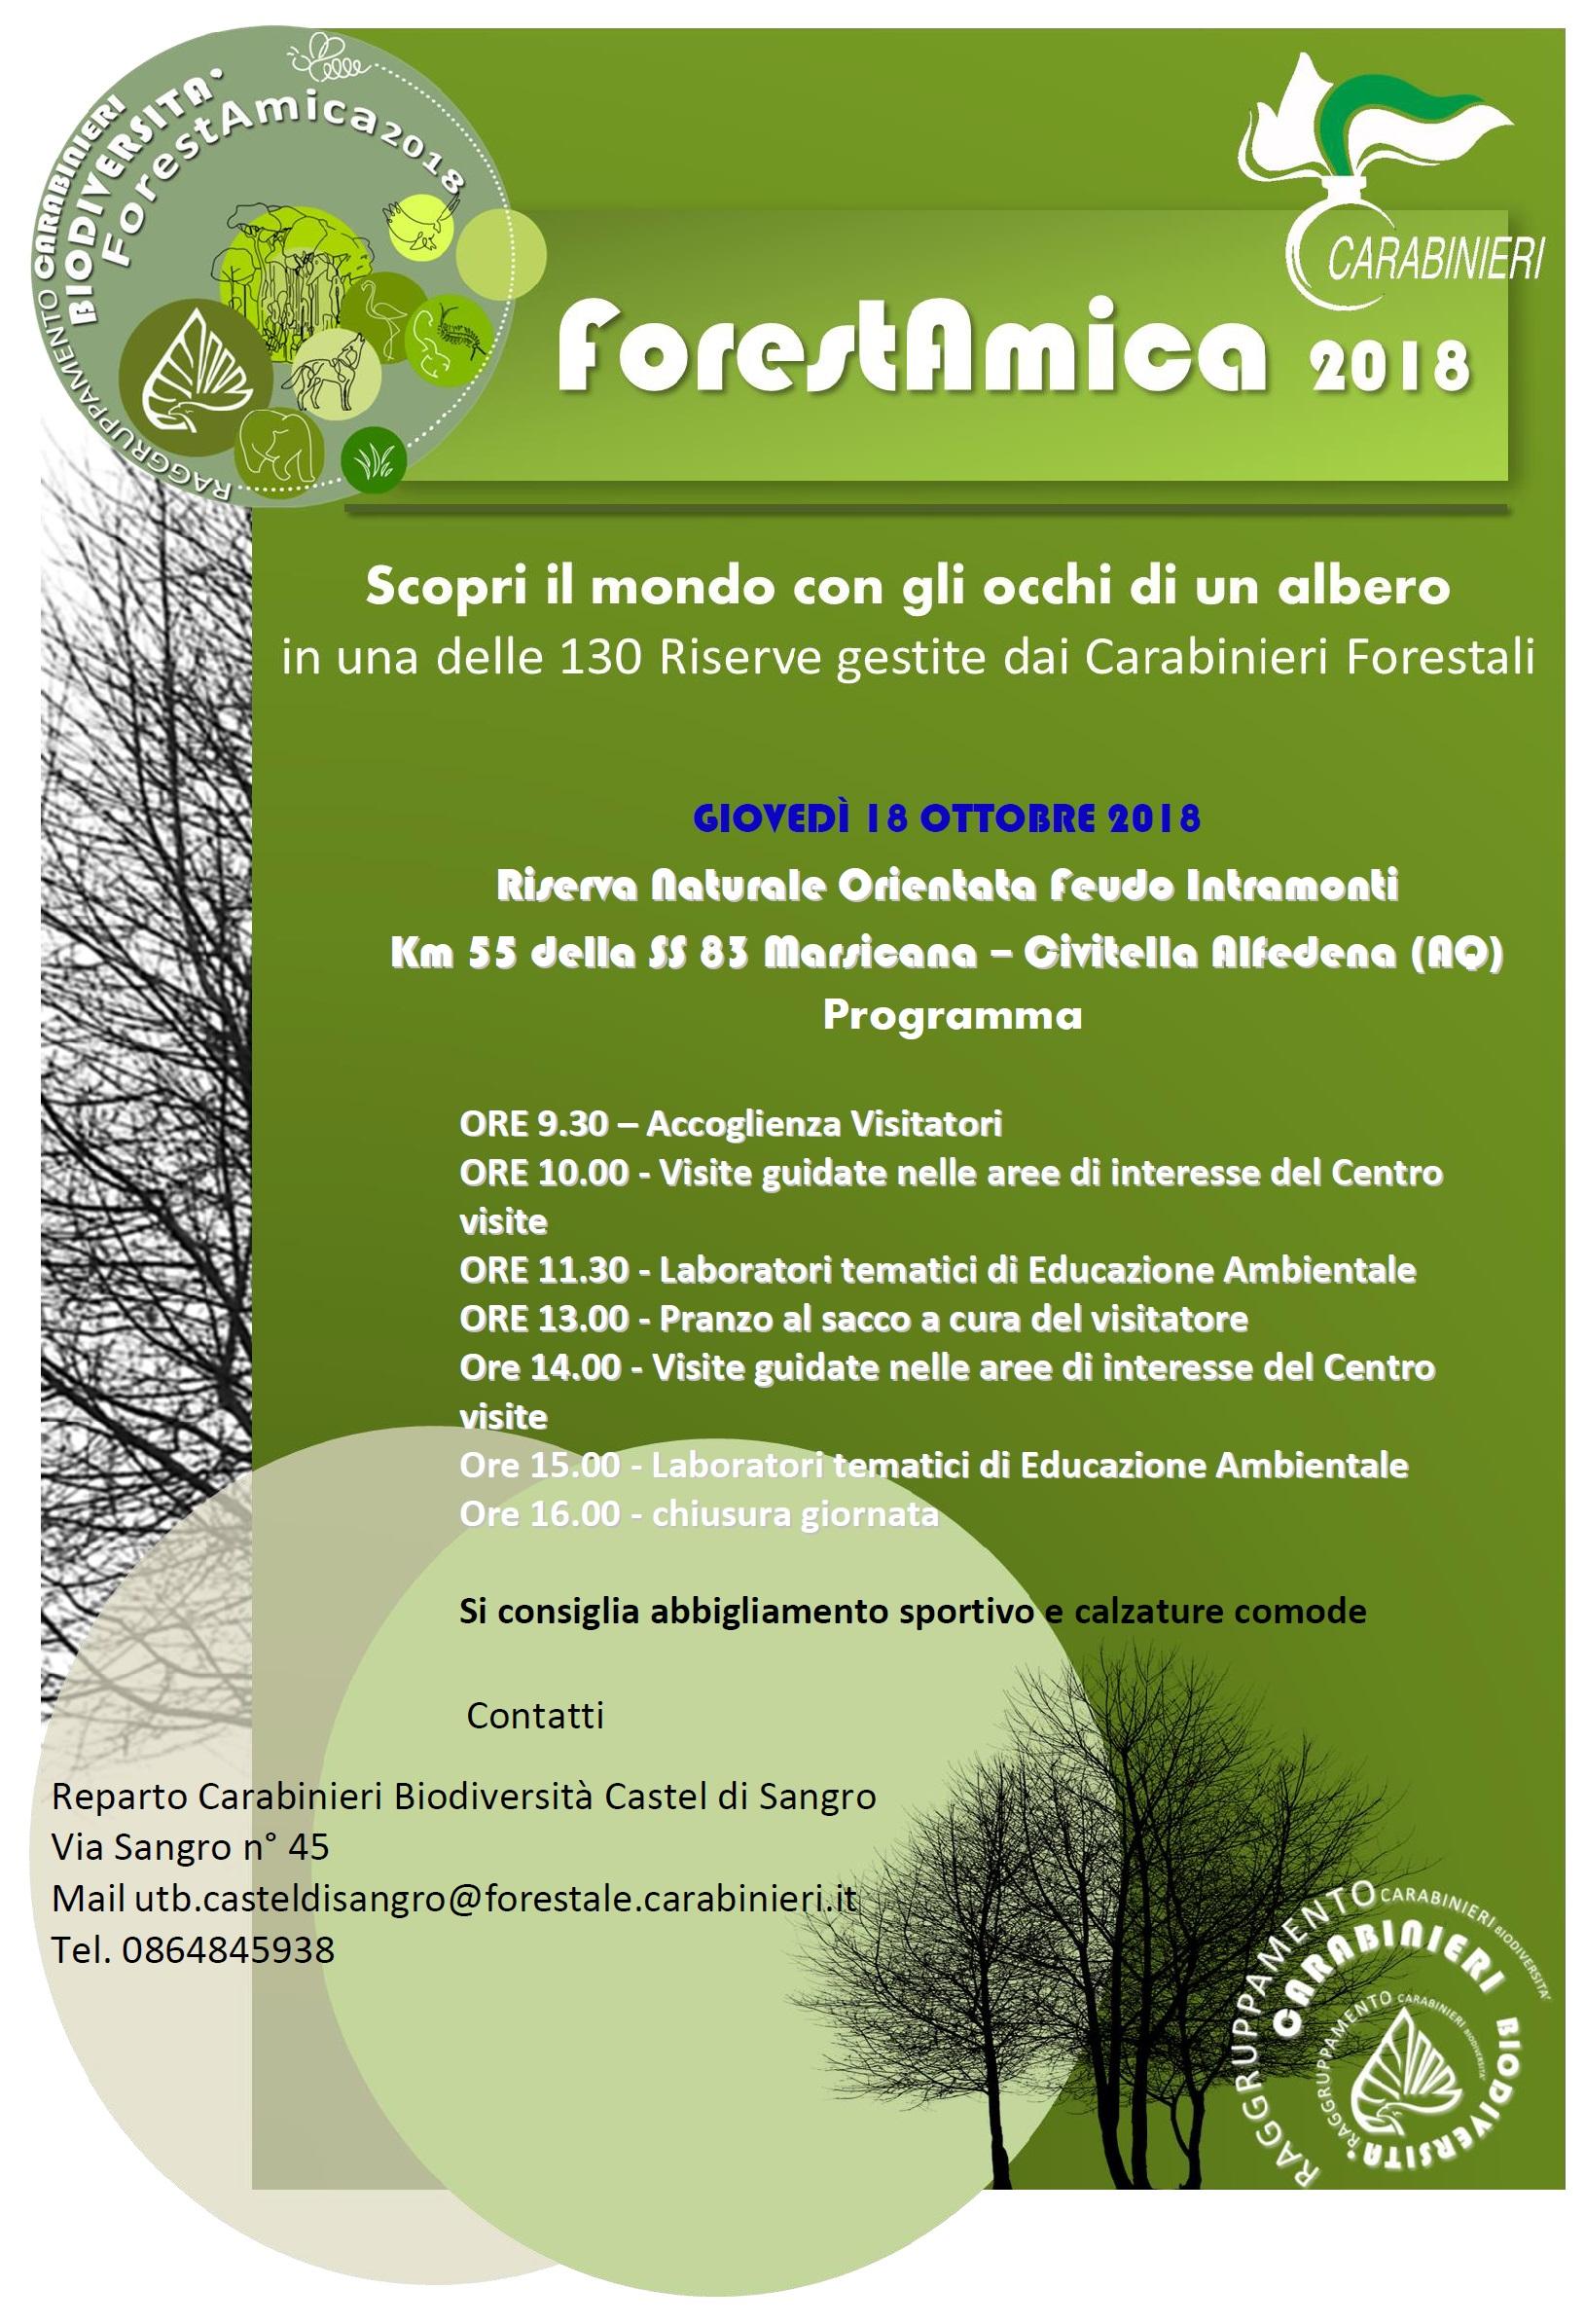 ForestAmica 2018 RNO Feudo Intramonti